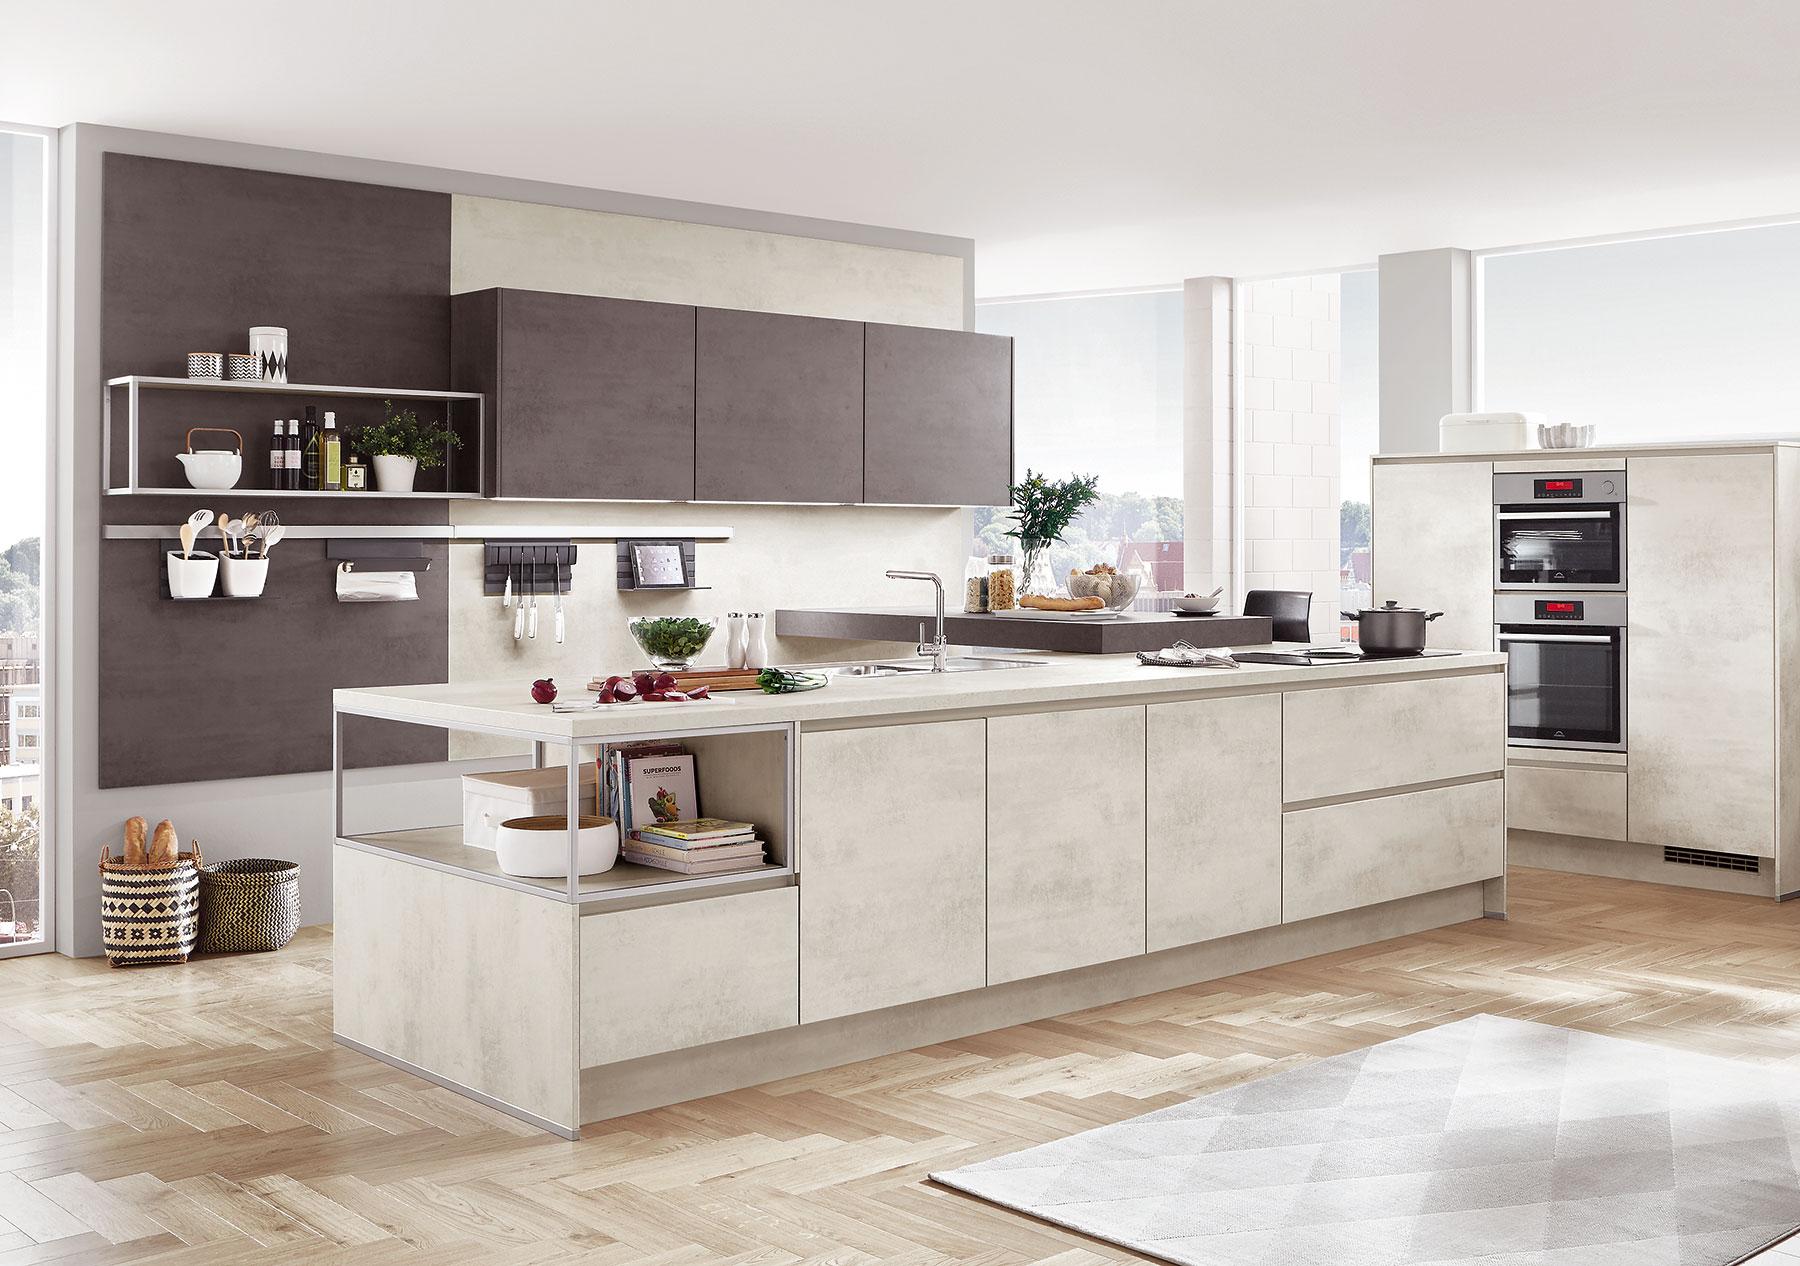 Full Size of Grifflose Küche Arbeitsplatte Bündig Grifflose Küche Rational Grifflose Küche Tip On Grifflose Küche Beleuchtung Küche Grifflose Küche